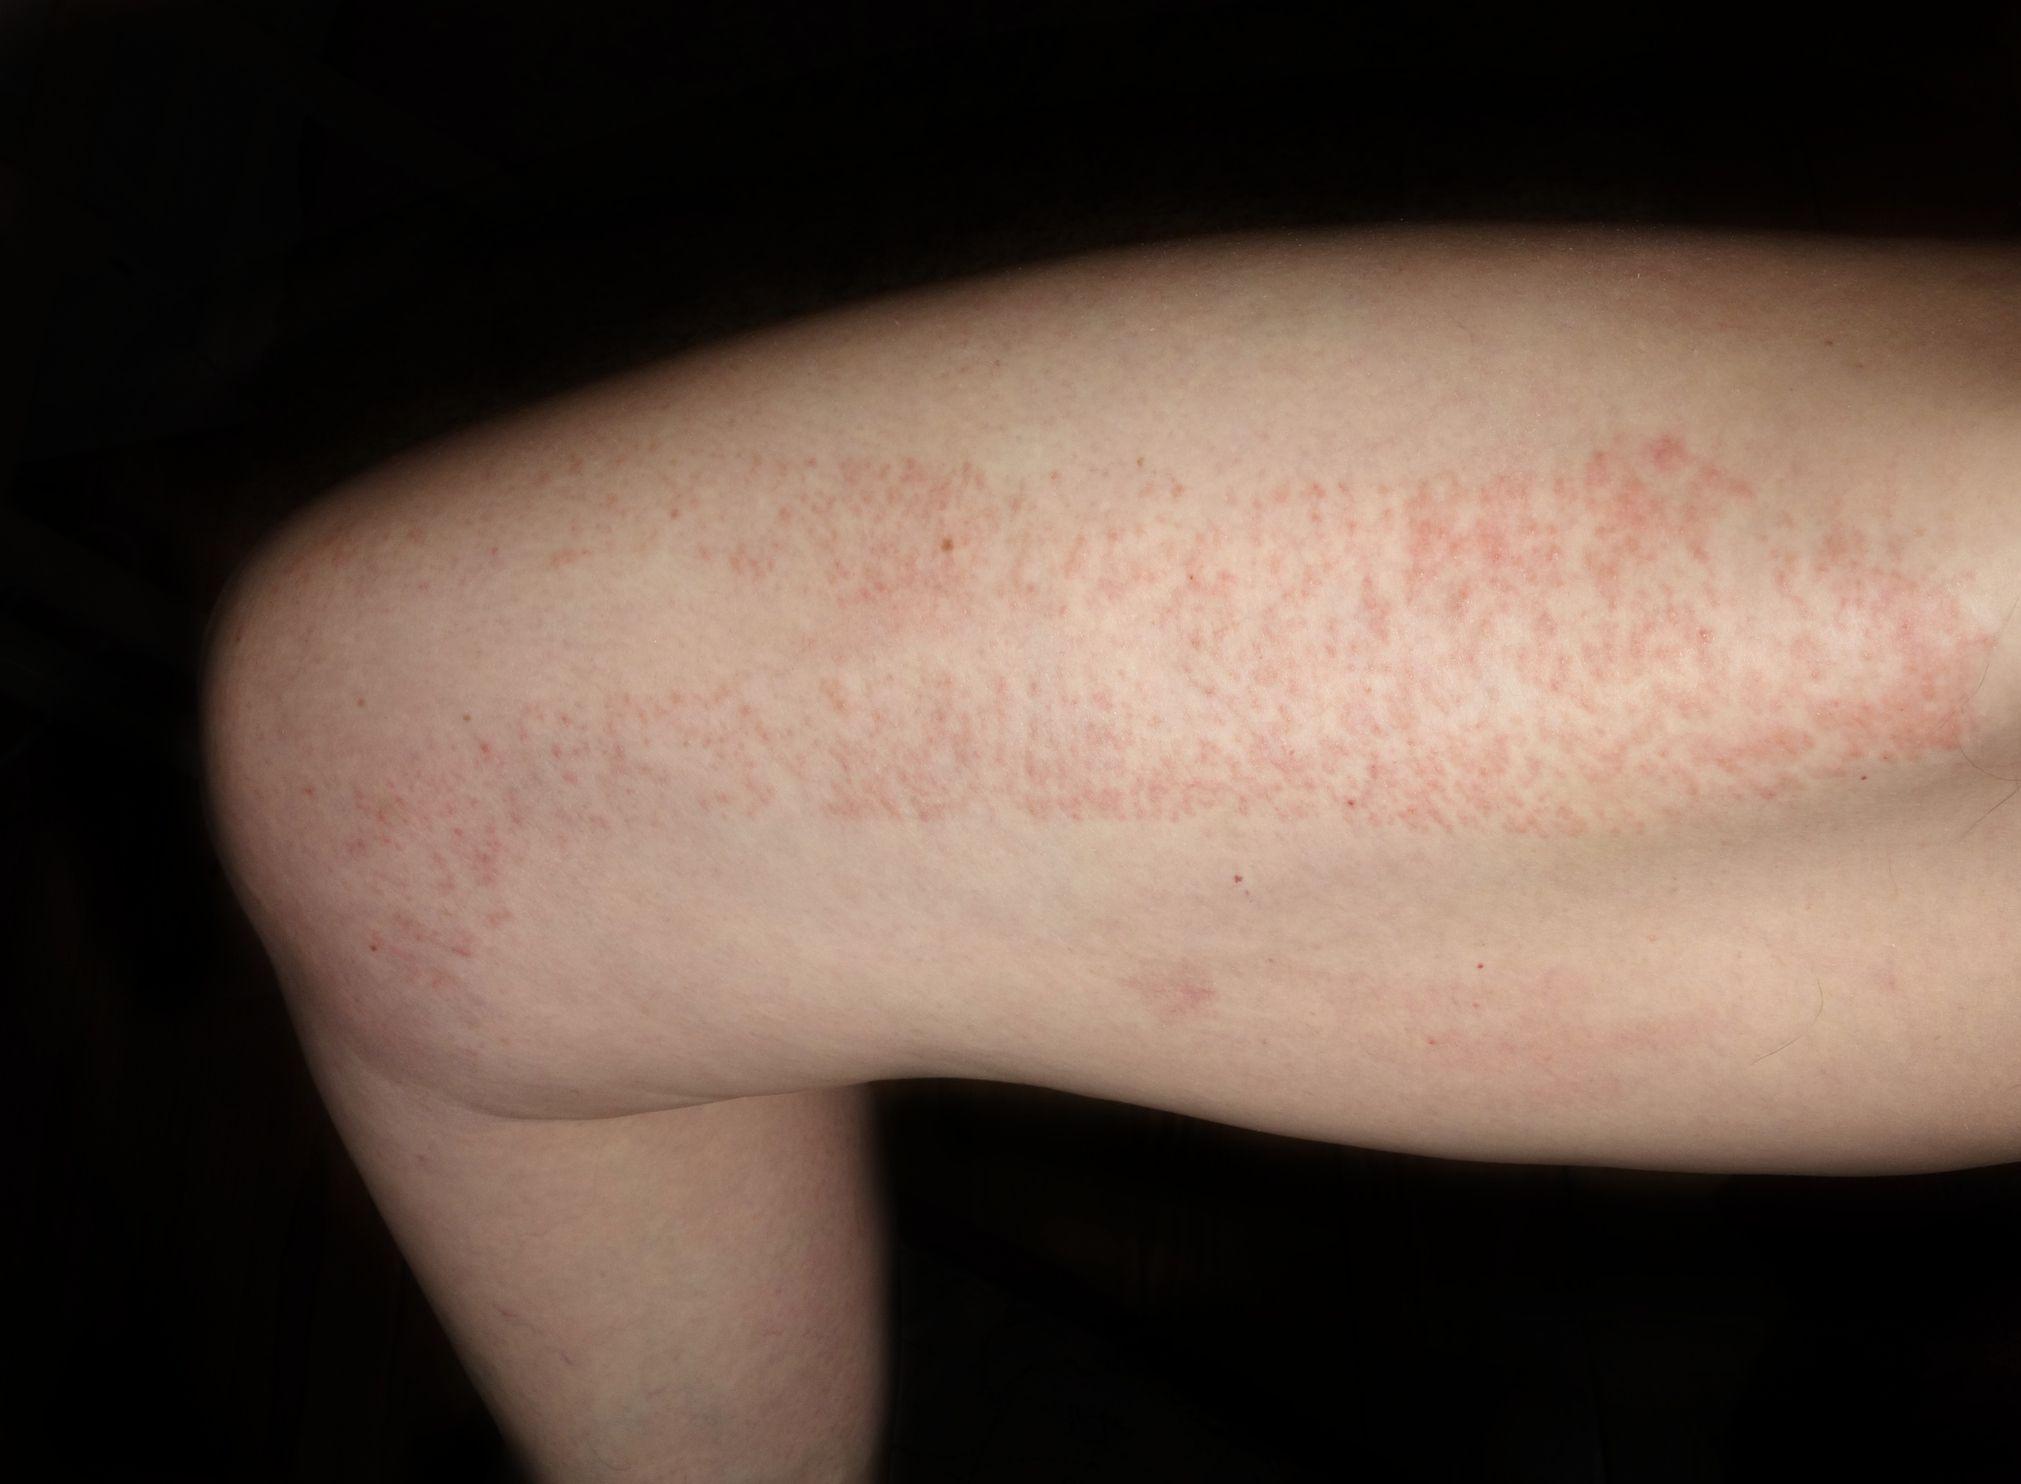 drug allergic reaction on leg